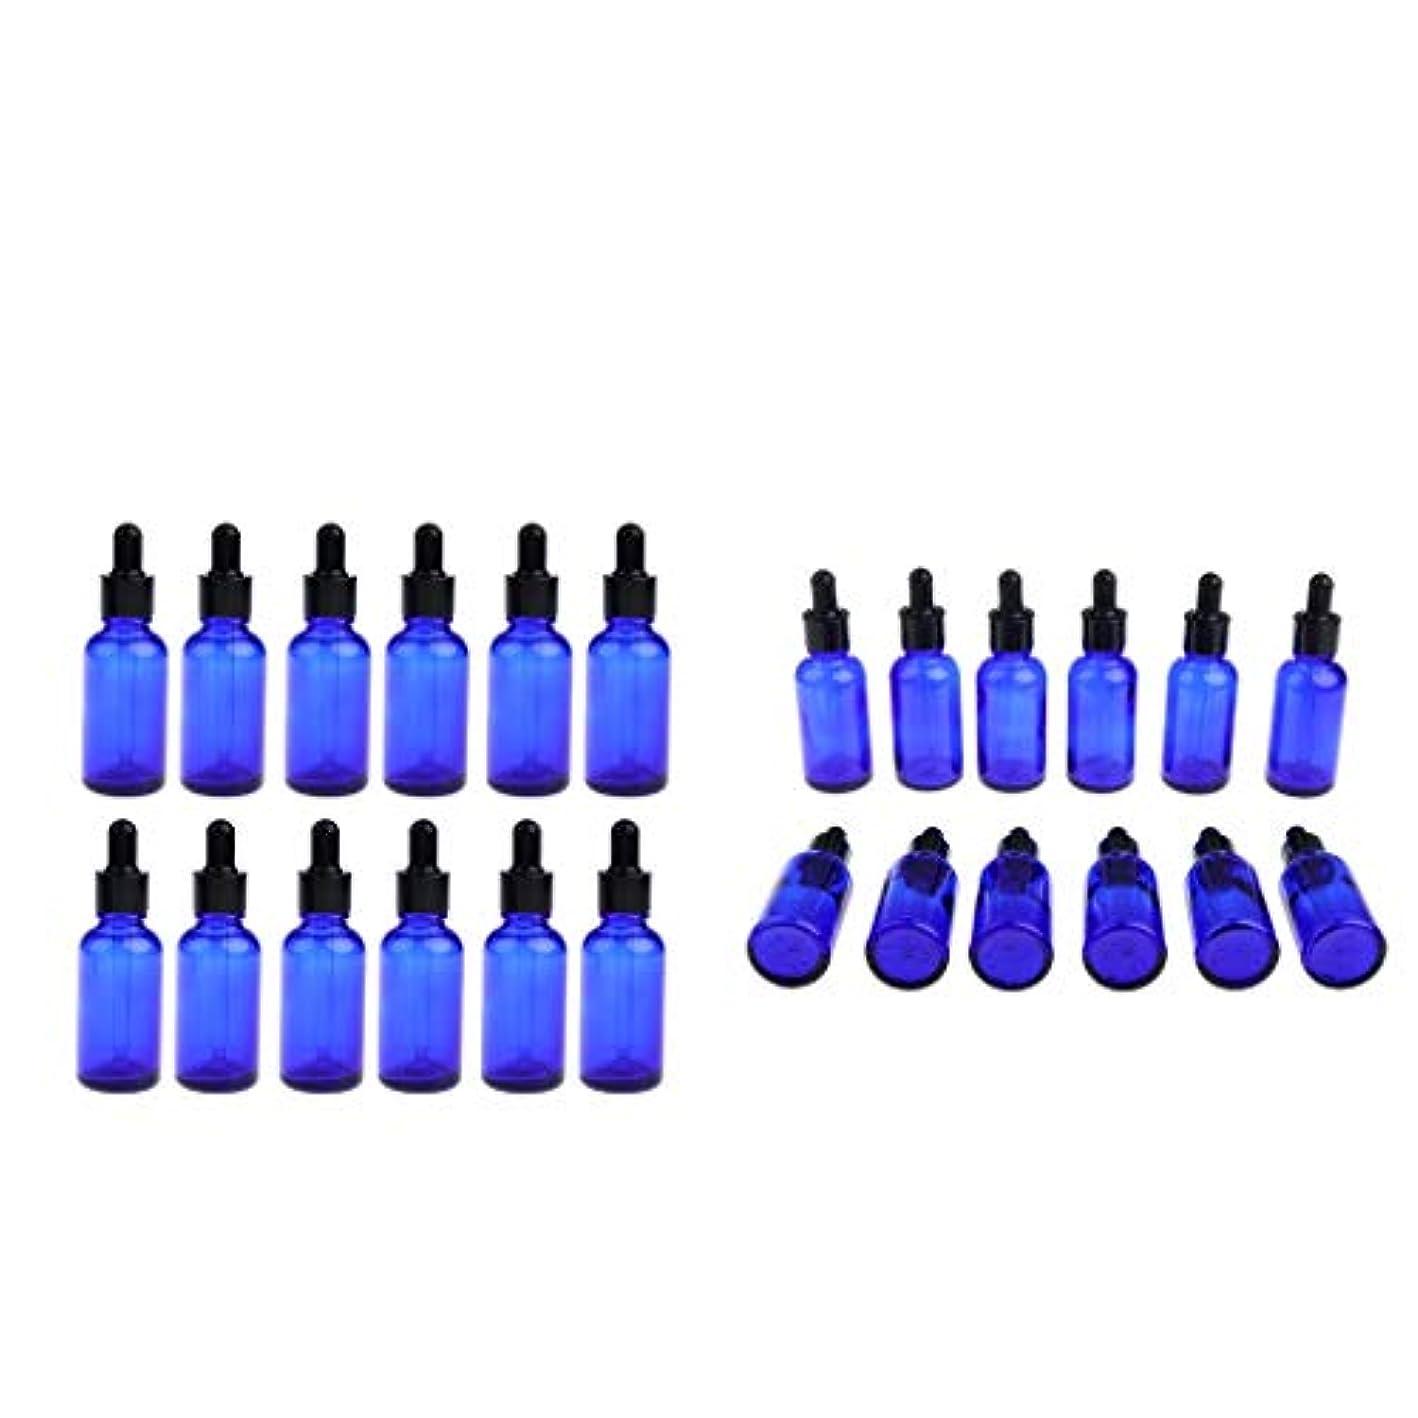 ファイタースキル辞任ドロッパーボトル エッセンシャルオイル スポイトボトル 30ml マッサージ 美容室 サロン